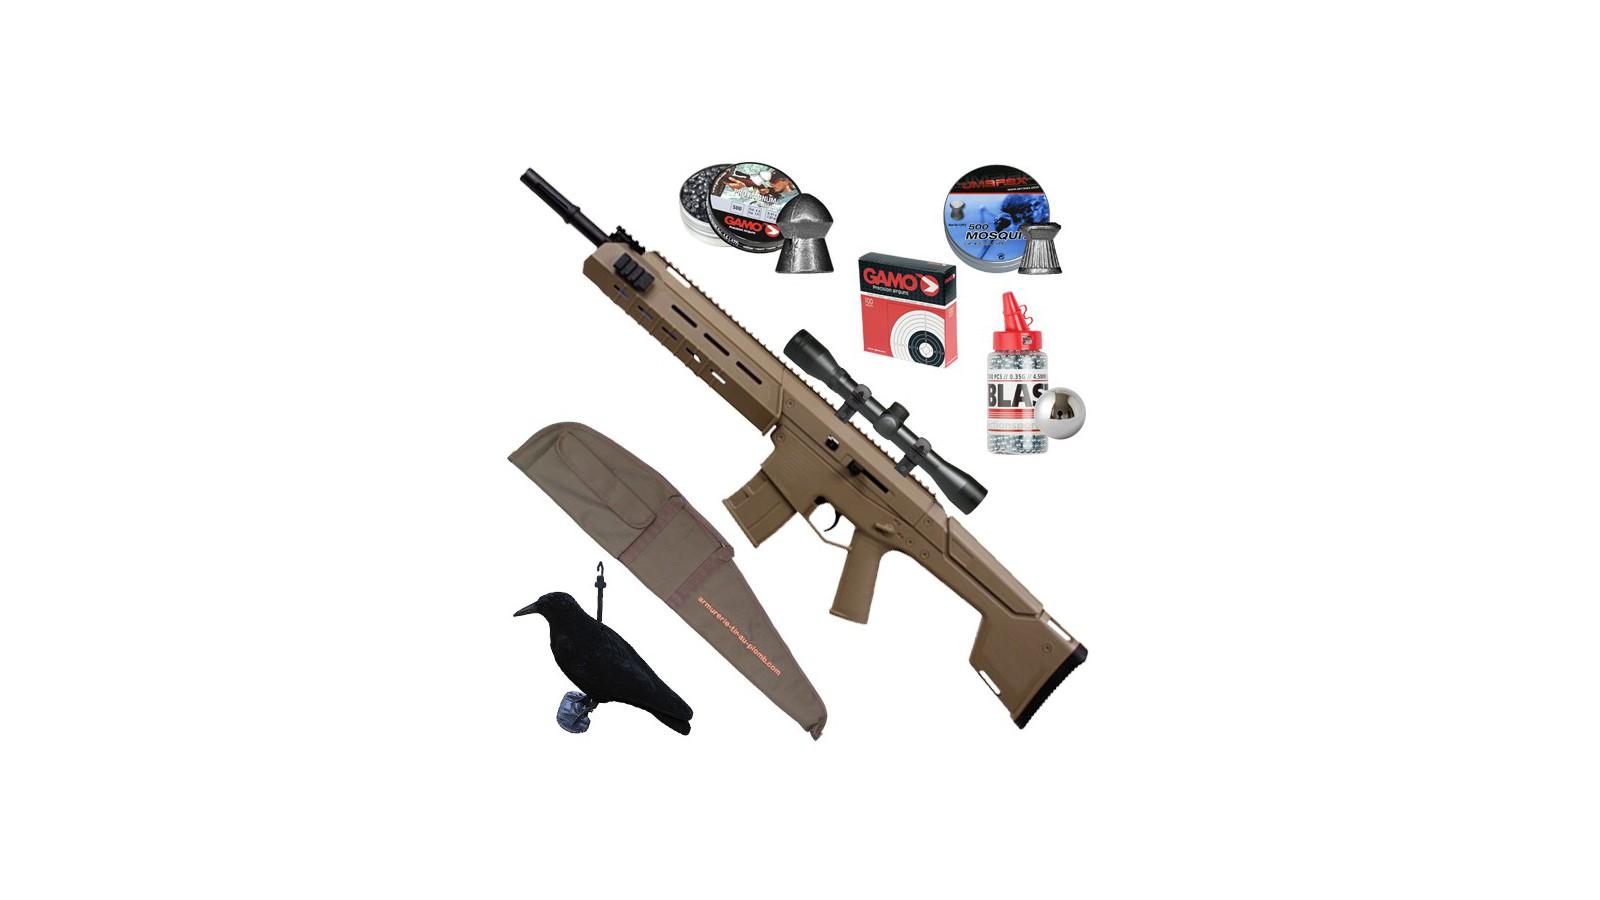 Papier objectifs Airgun fusil pistolet 22 177 de tir pistolet à air 14 cm